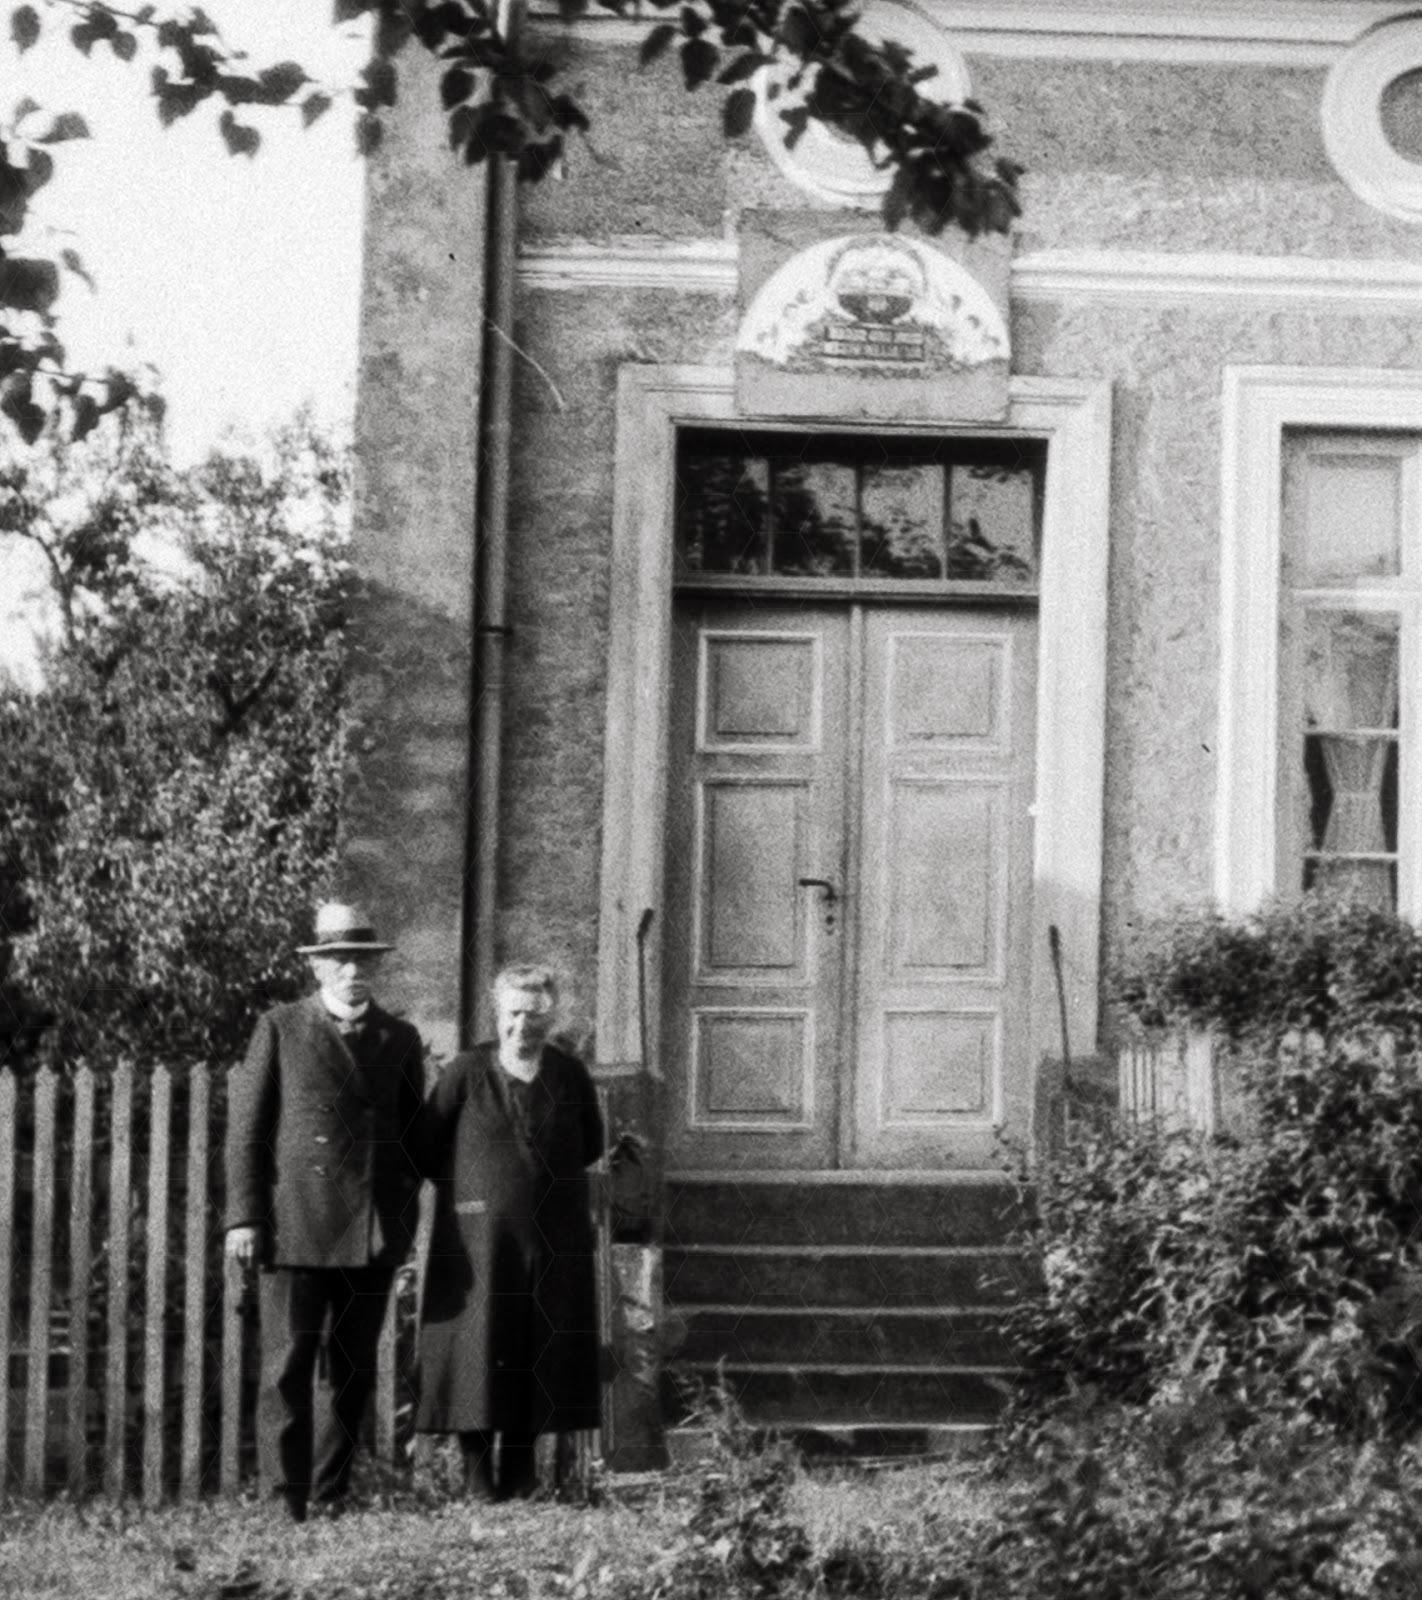 Vergessene Momente Garmisch Partenkirchen 1937 Teil 3